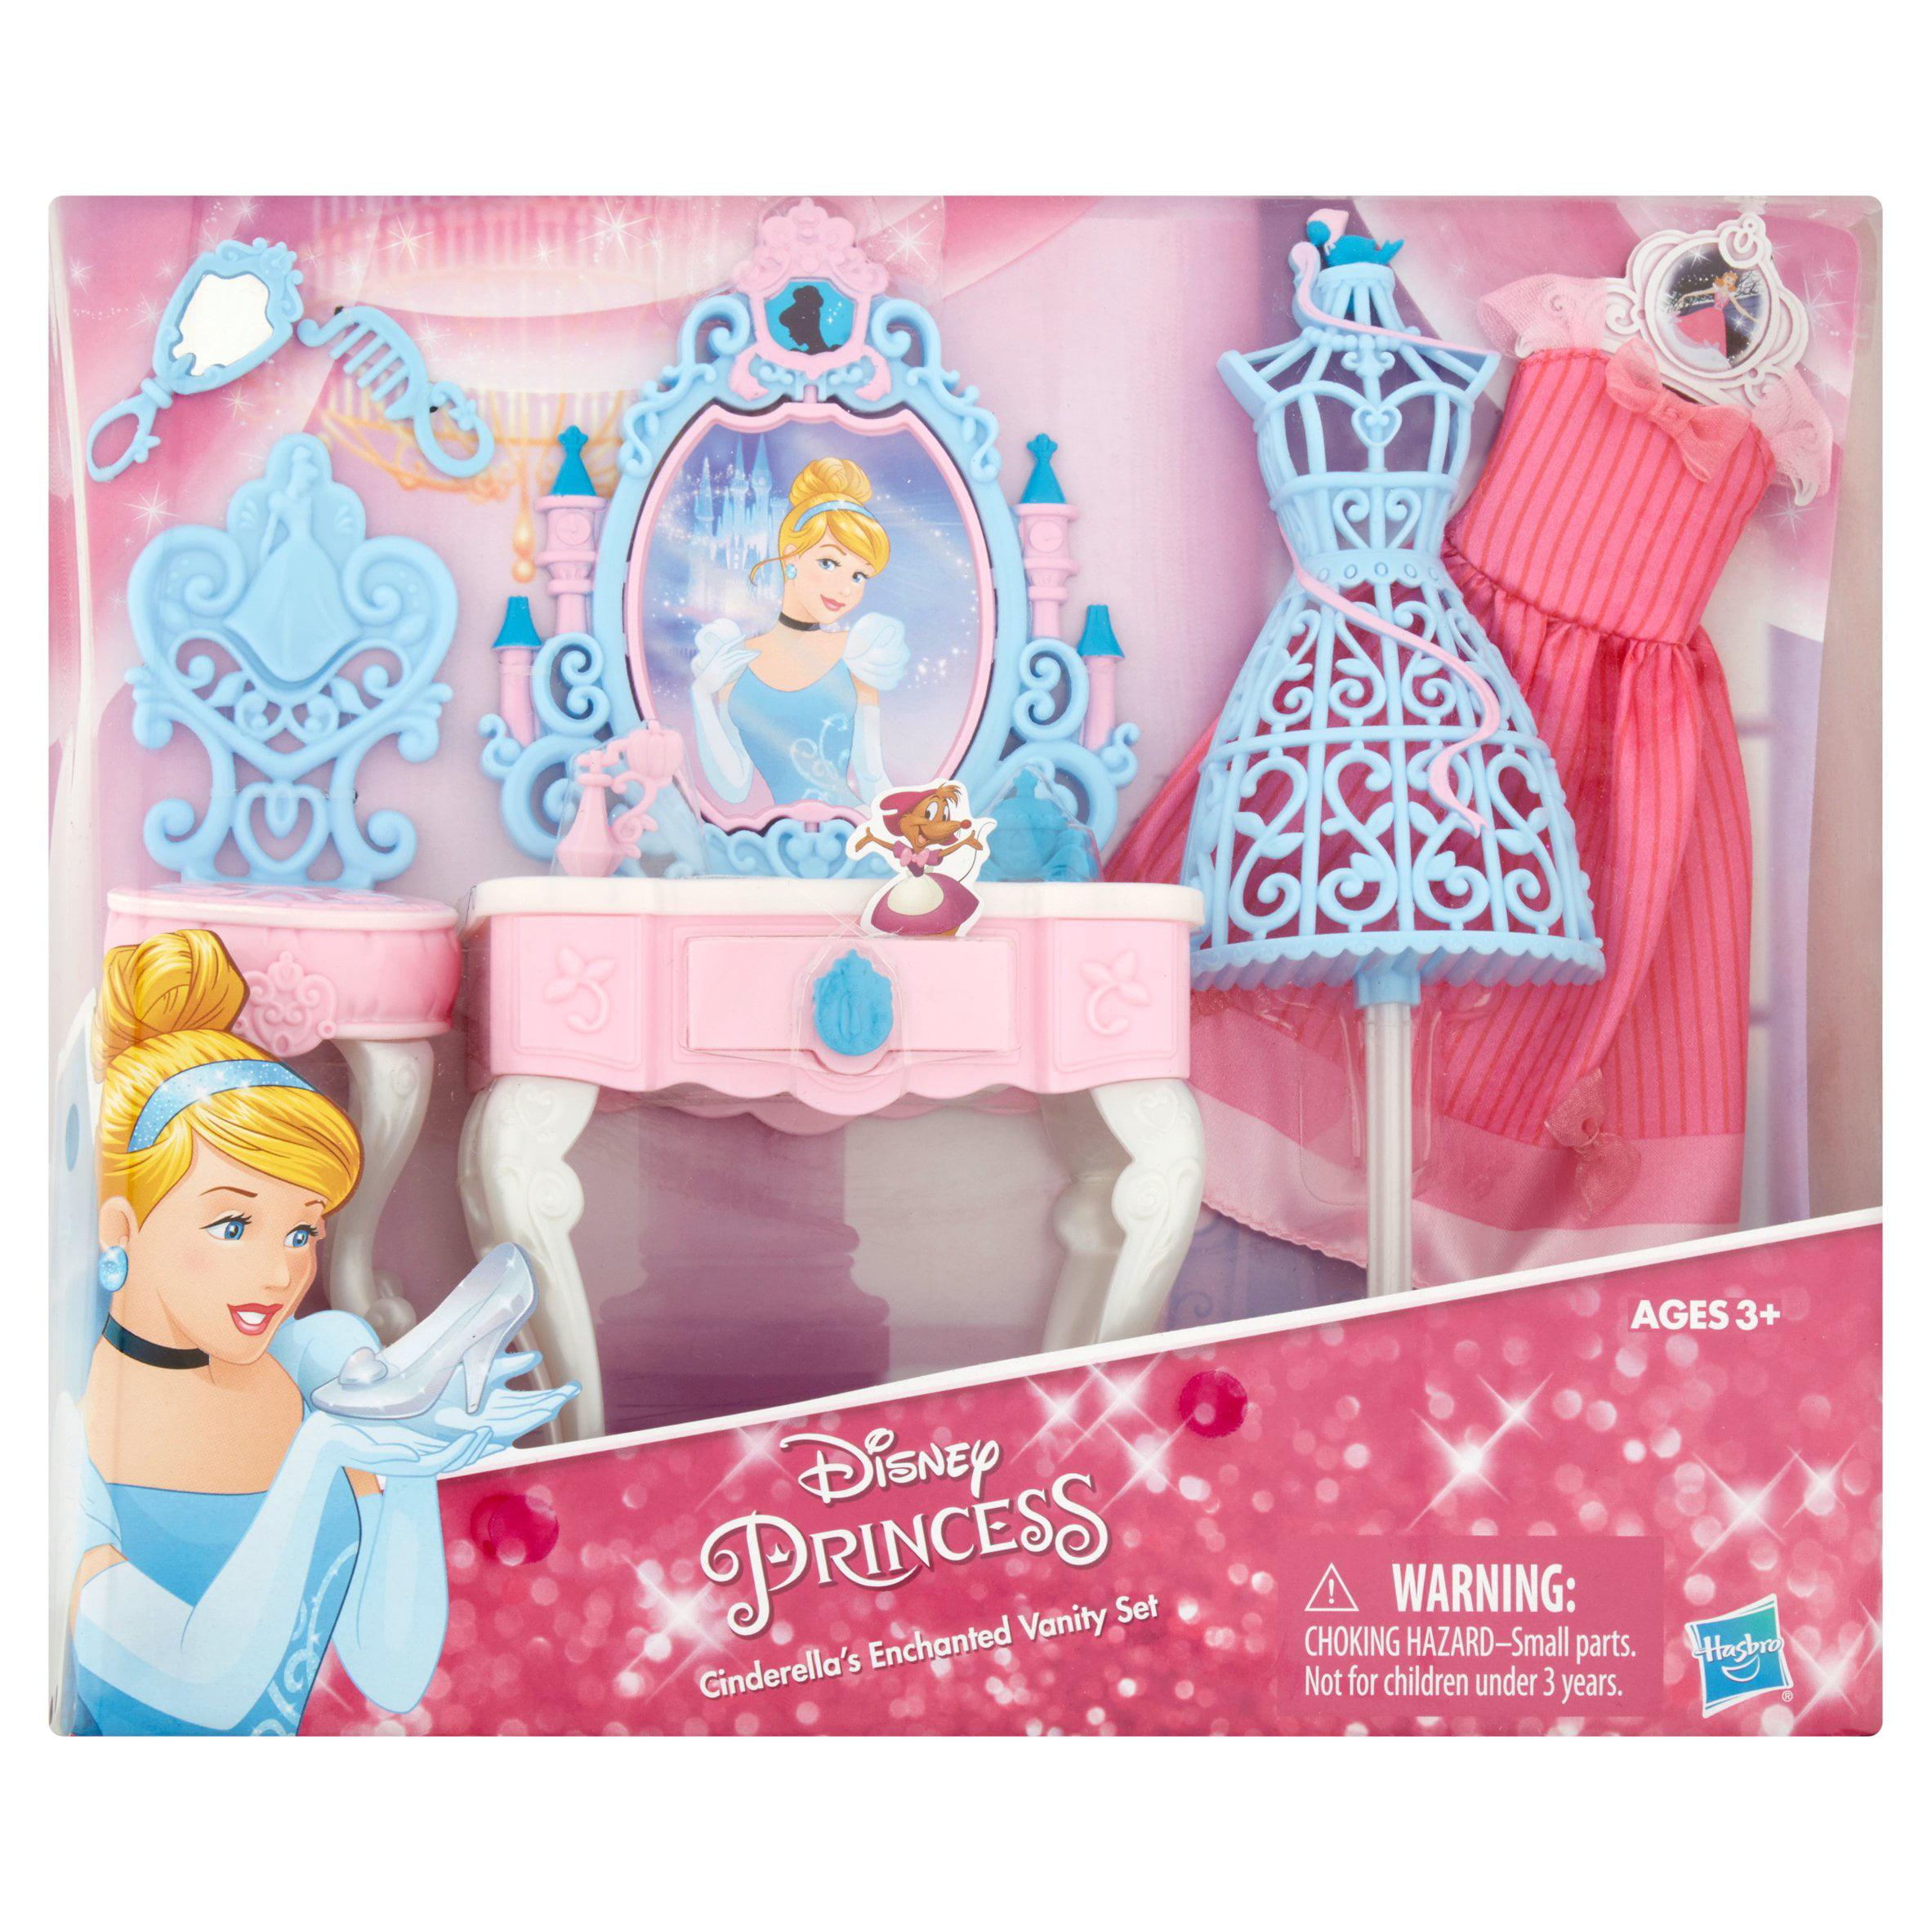 Disney Princess Cinderella's Enchanted Vanity Set by Hasbro